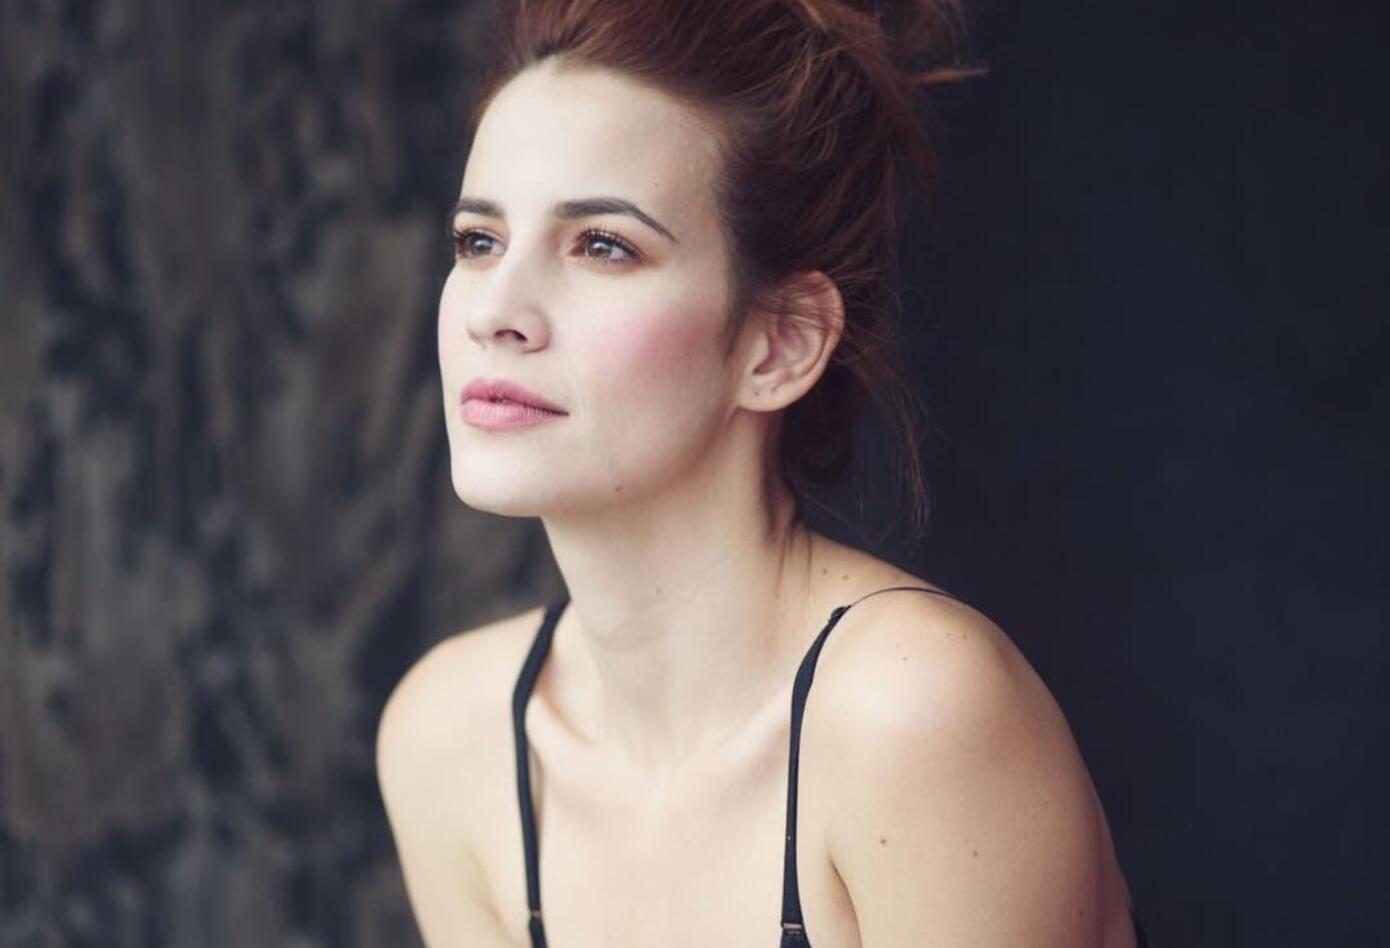 En Nueva York pasó a estudiar durante tres años actuación con la ex virreina universal de la belleza Taliana, quien también es actriz.